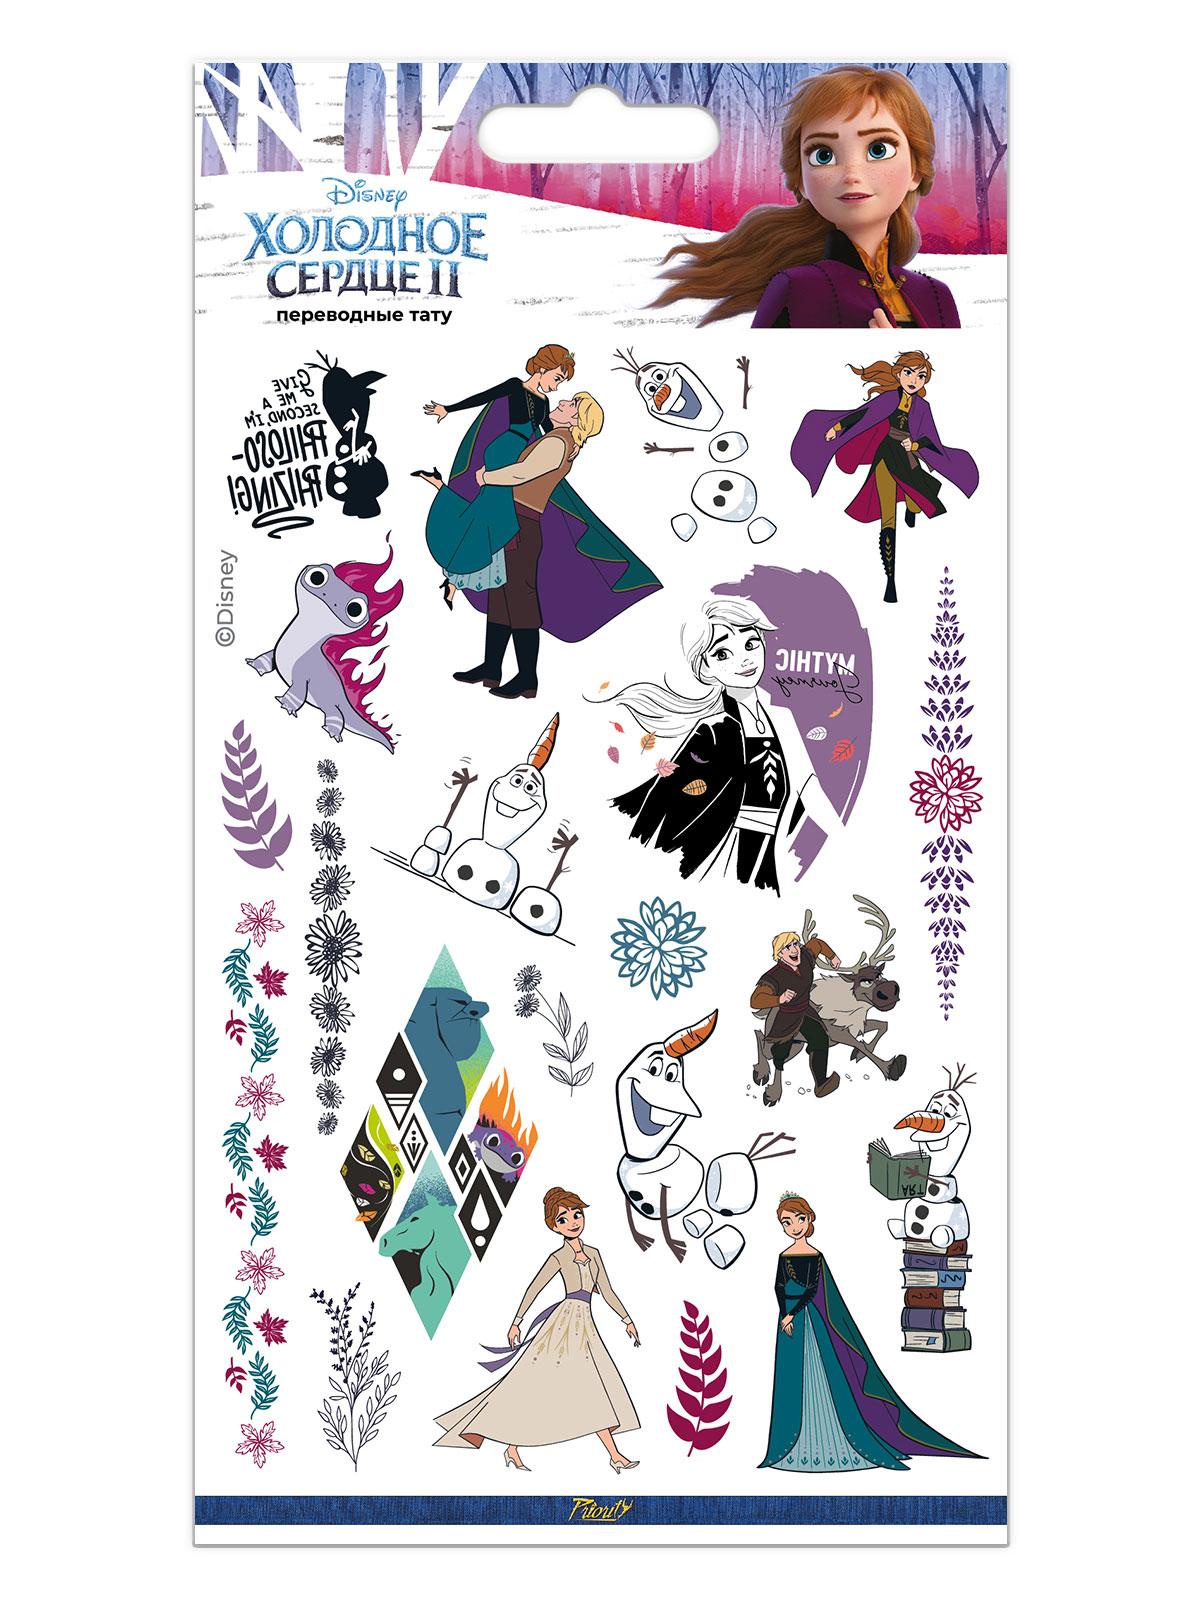 Фото - Набор татуировок переводных Дисней Холодное сердце II Анна / Disney Frozen II Anna 2 подарочный набор disney frozen ii anna house set